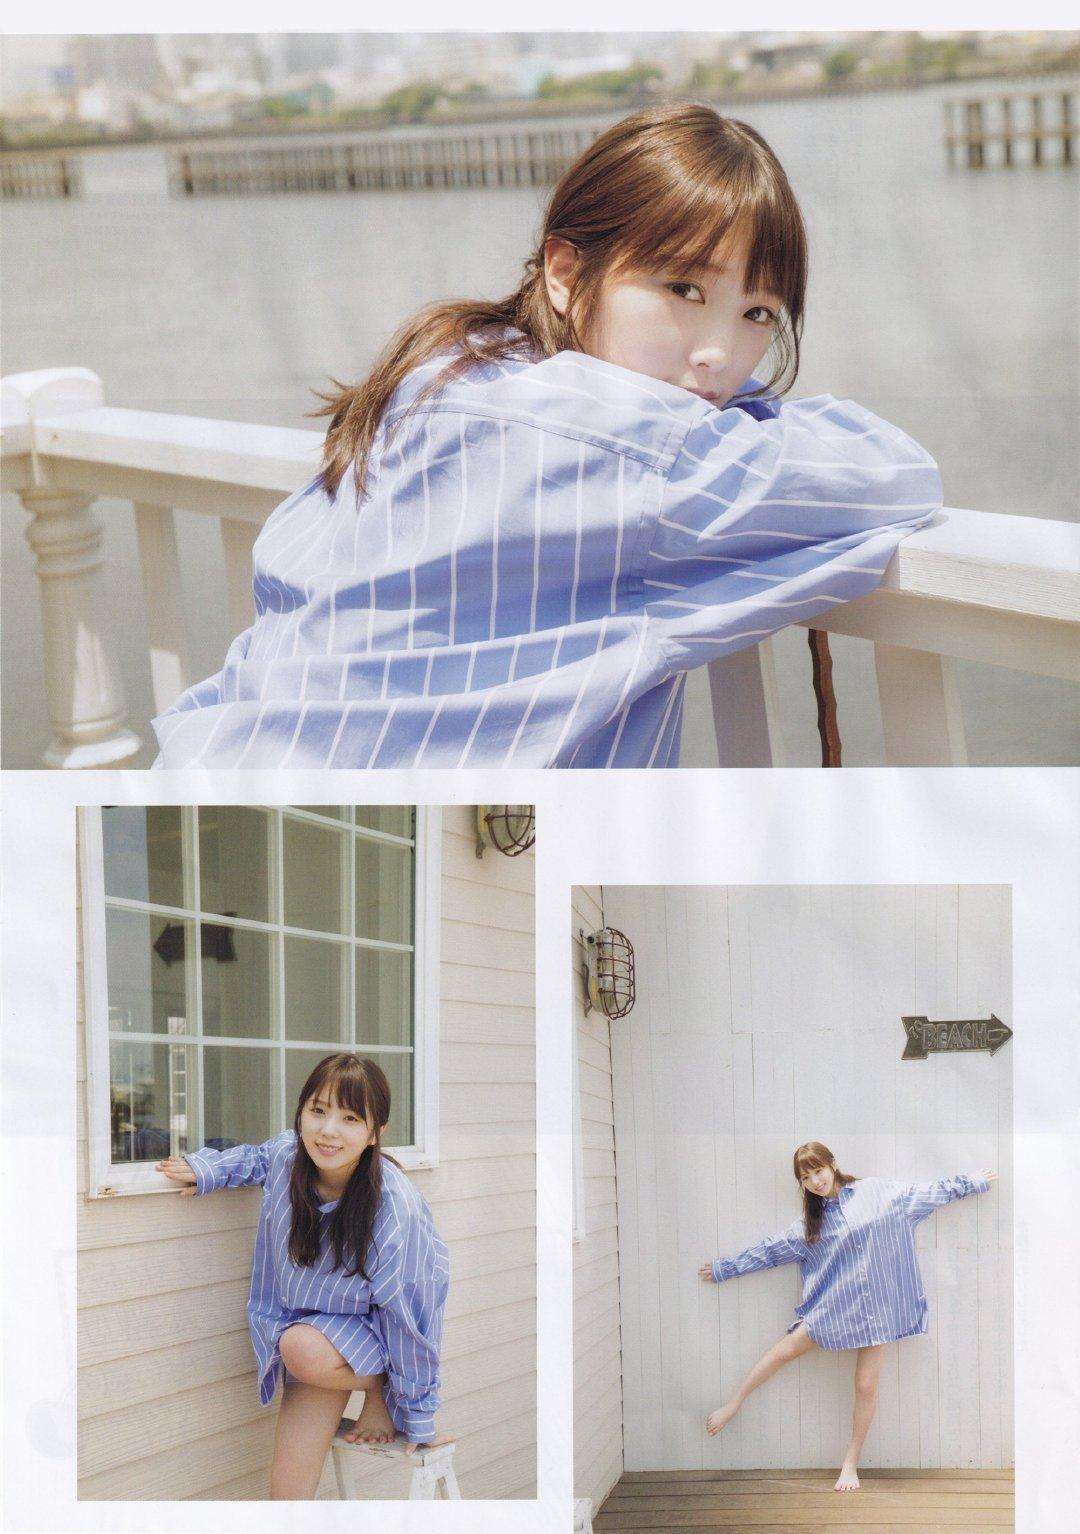 与田佑希清新脱俗美到让人深陷恋爱 养眼图片 第10张